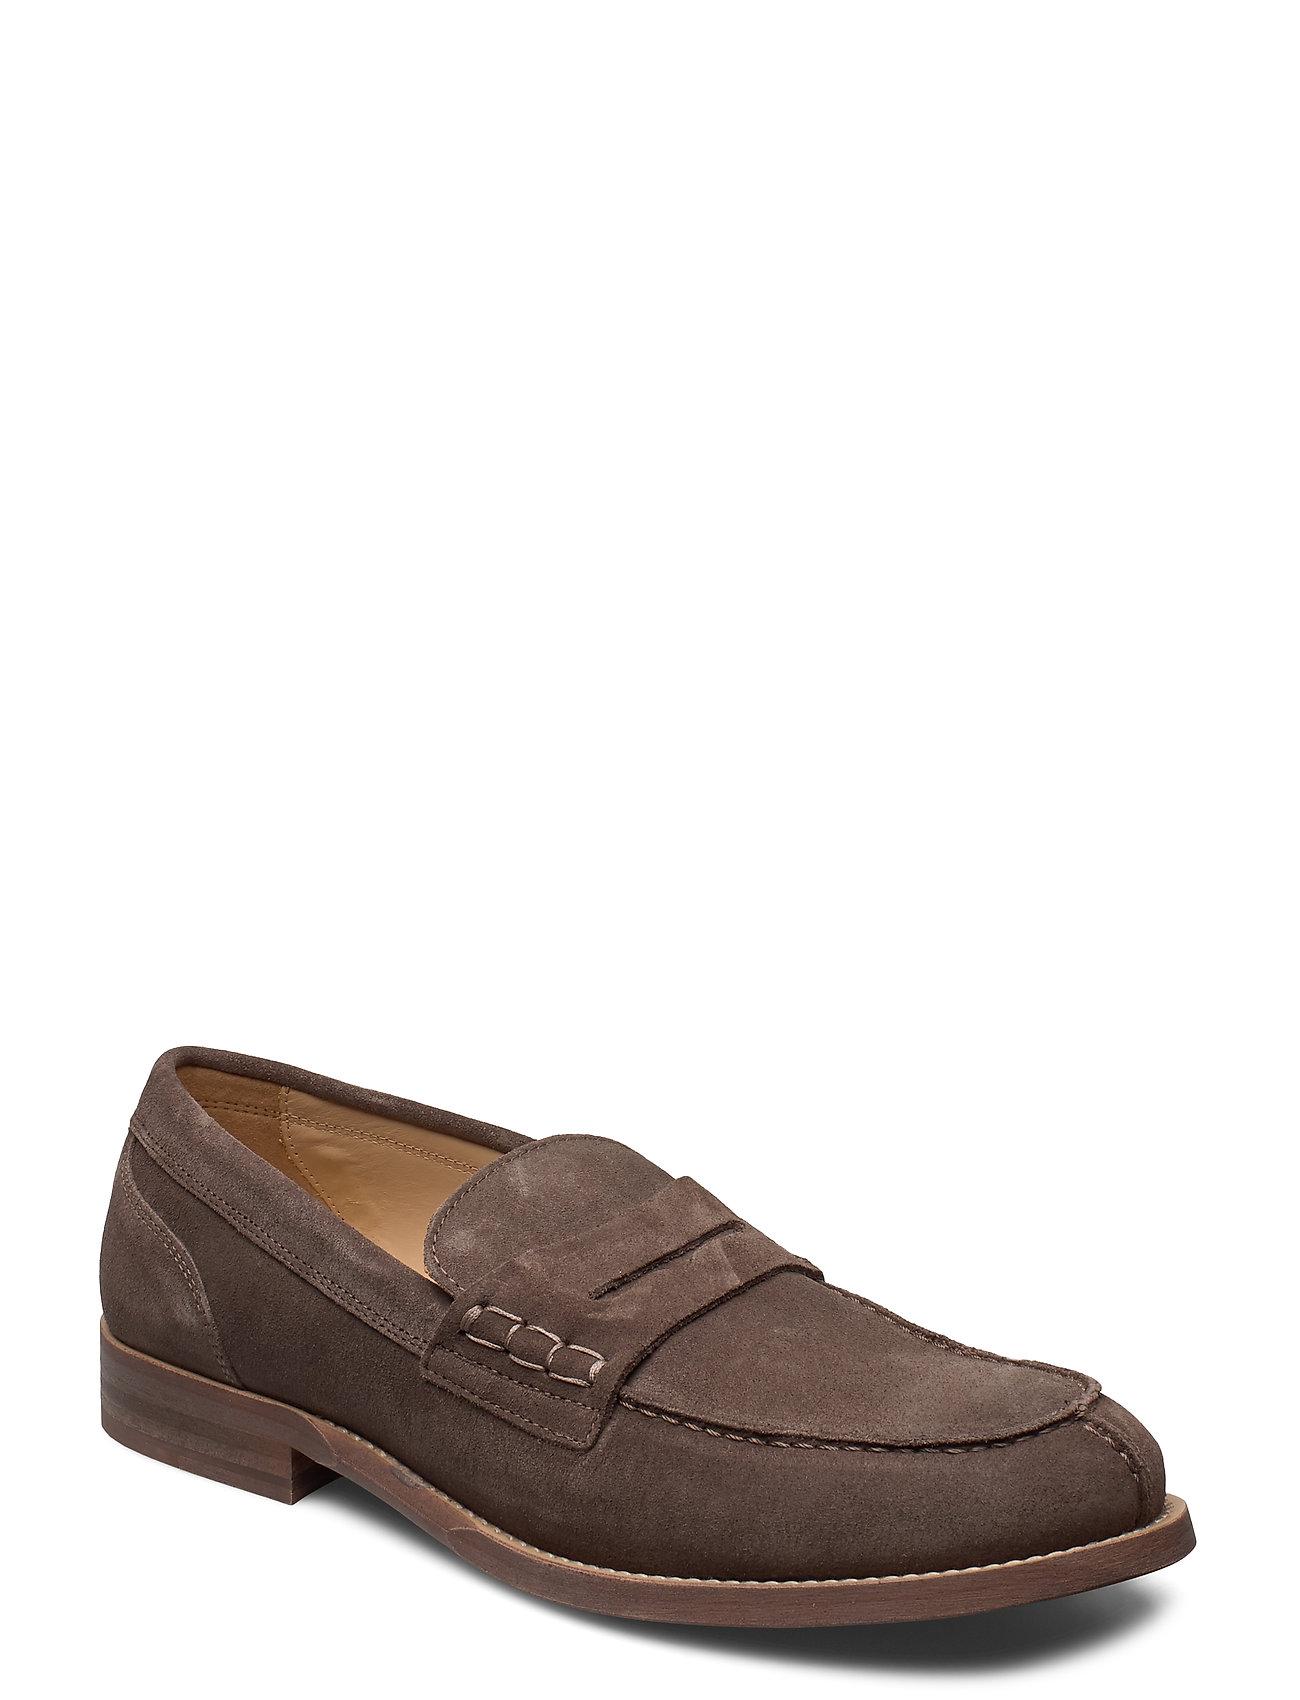 Image of Hilfiger Suede Loafer Loafers Flade Sko Brun Tommy Hilfiger (3429250187)